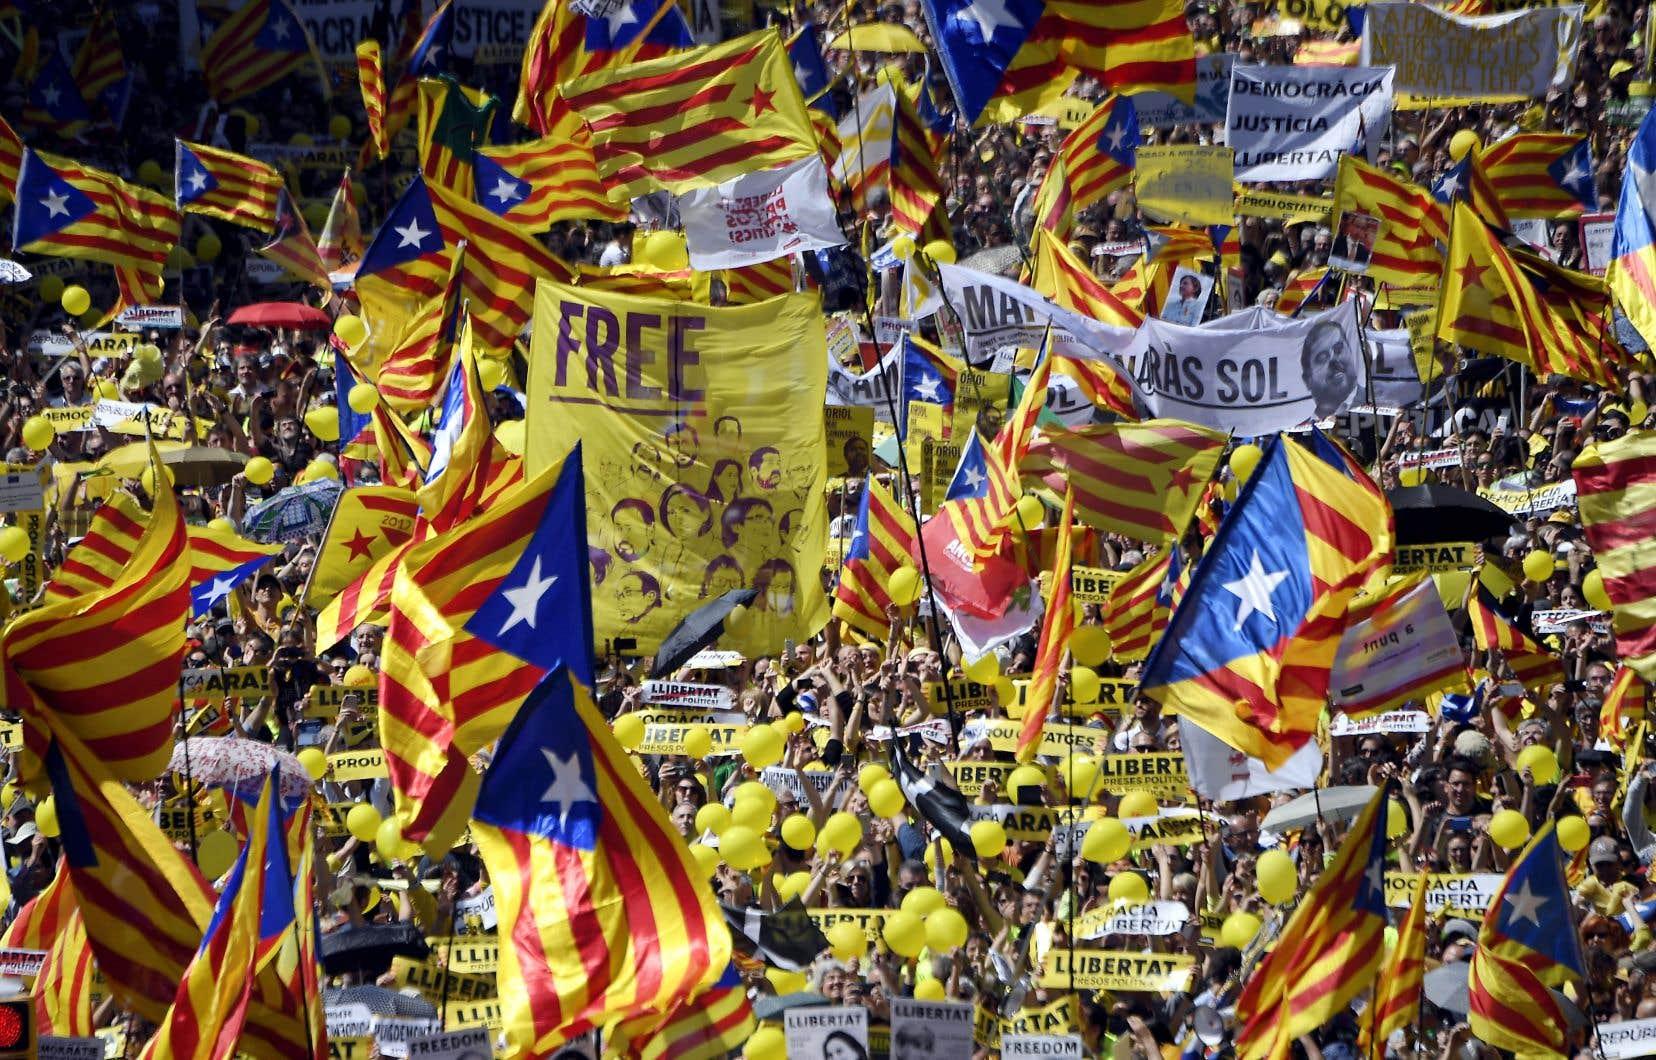 Les Catalans sont de nouveau descendus dans les rues de Barcelone cette semaine pour demander la libération des indépendantistes.